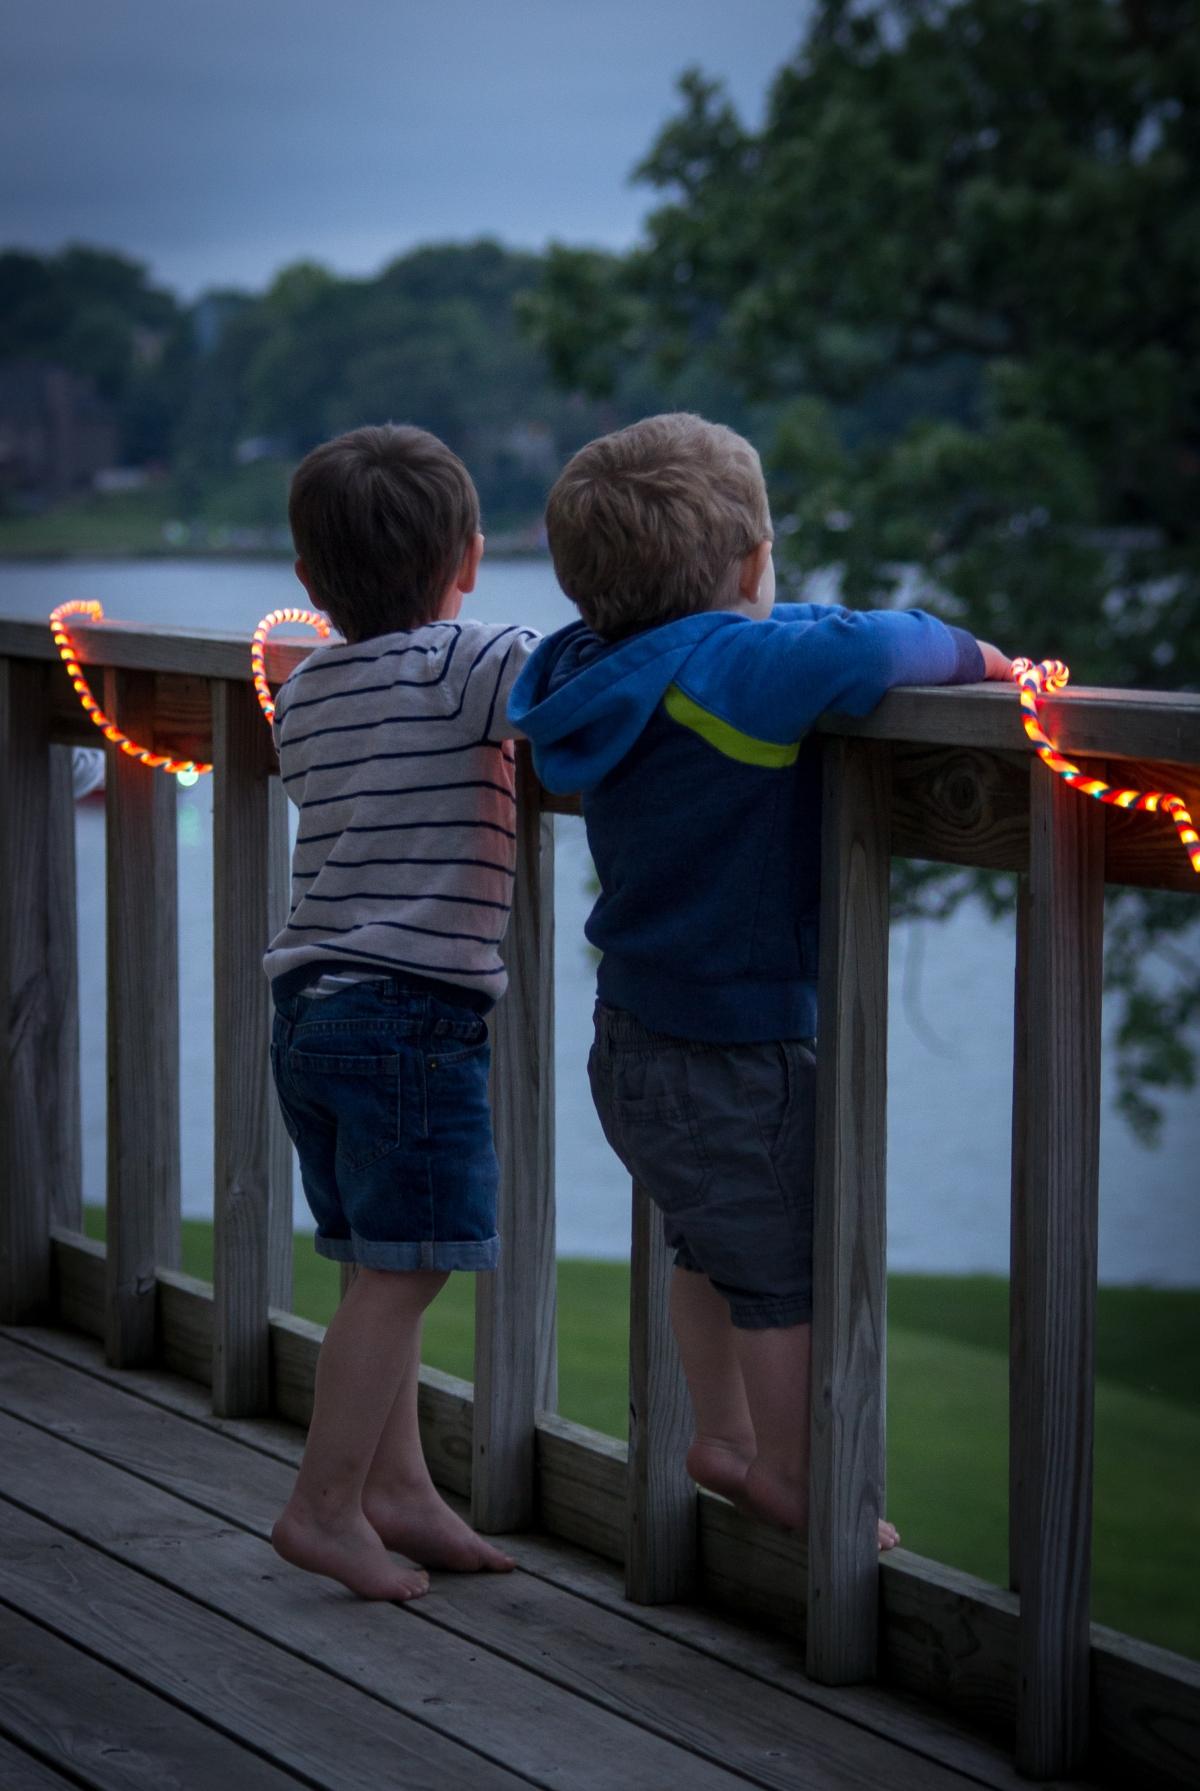 boys-on-the-deck_28095913965_o.jpg